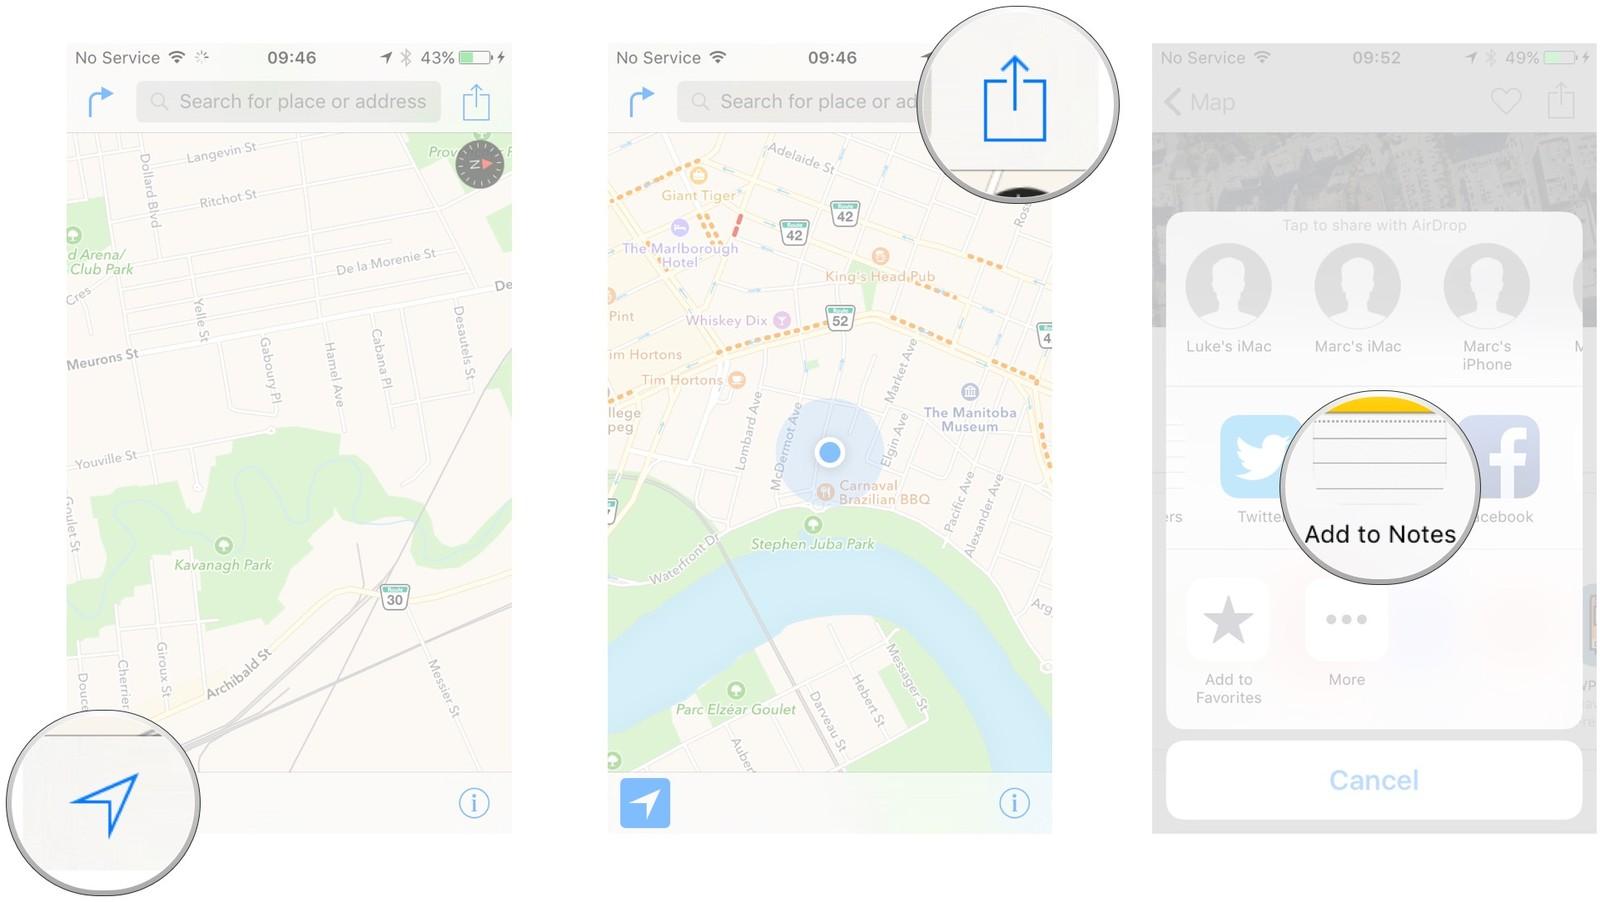 Как пользоваться Картами на iPhone и iPad - Добавить положение в заметки